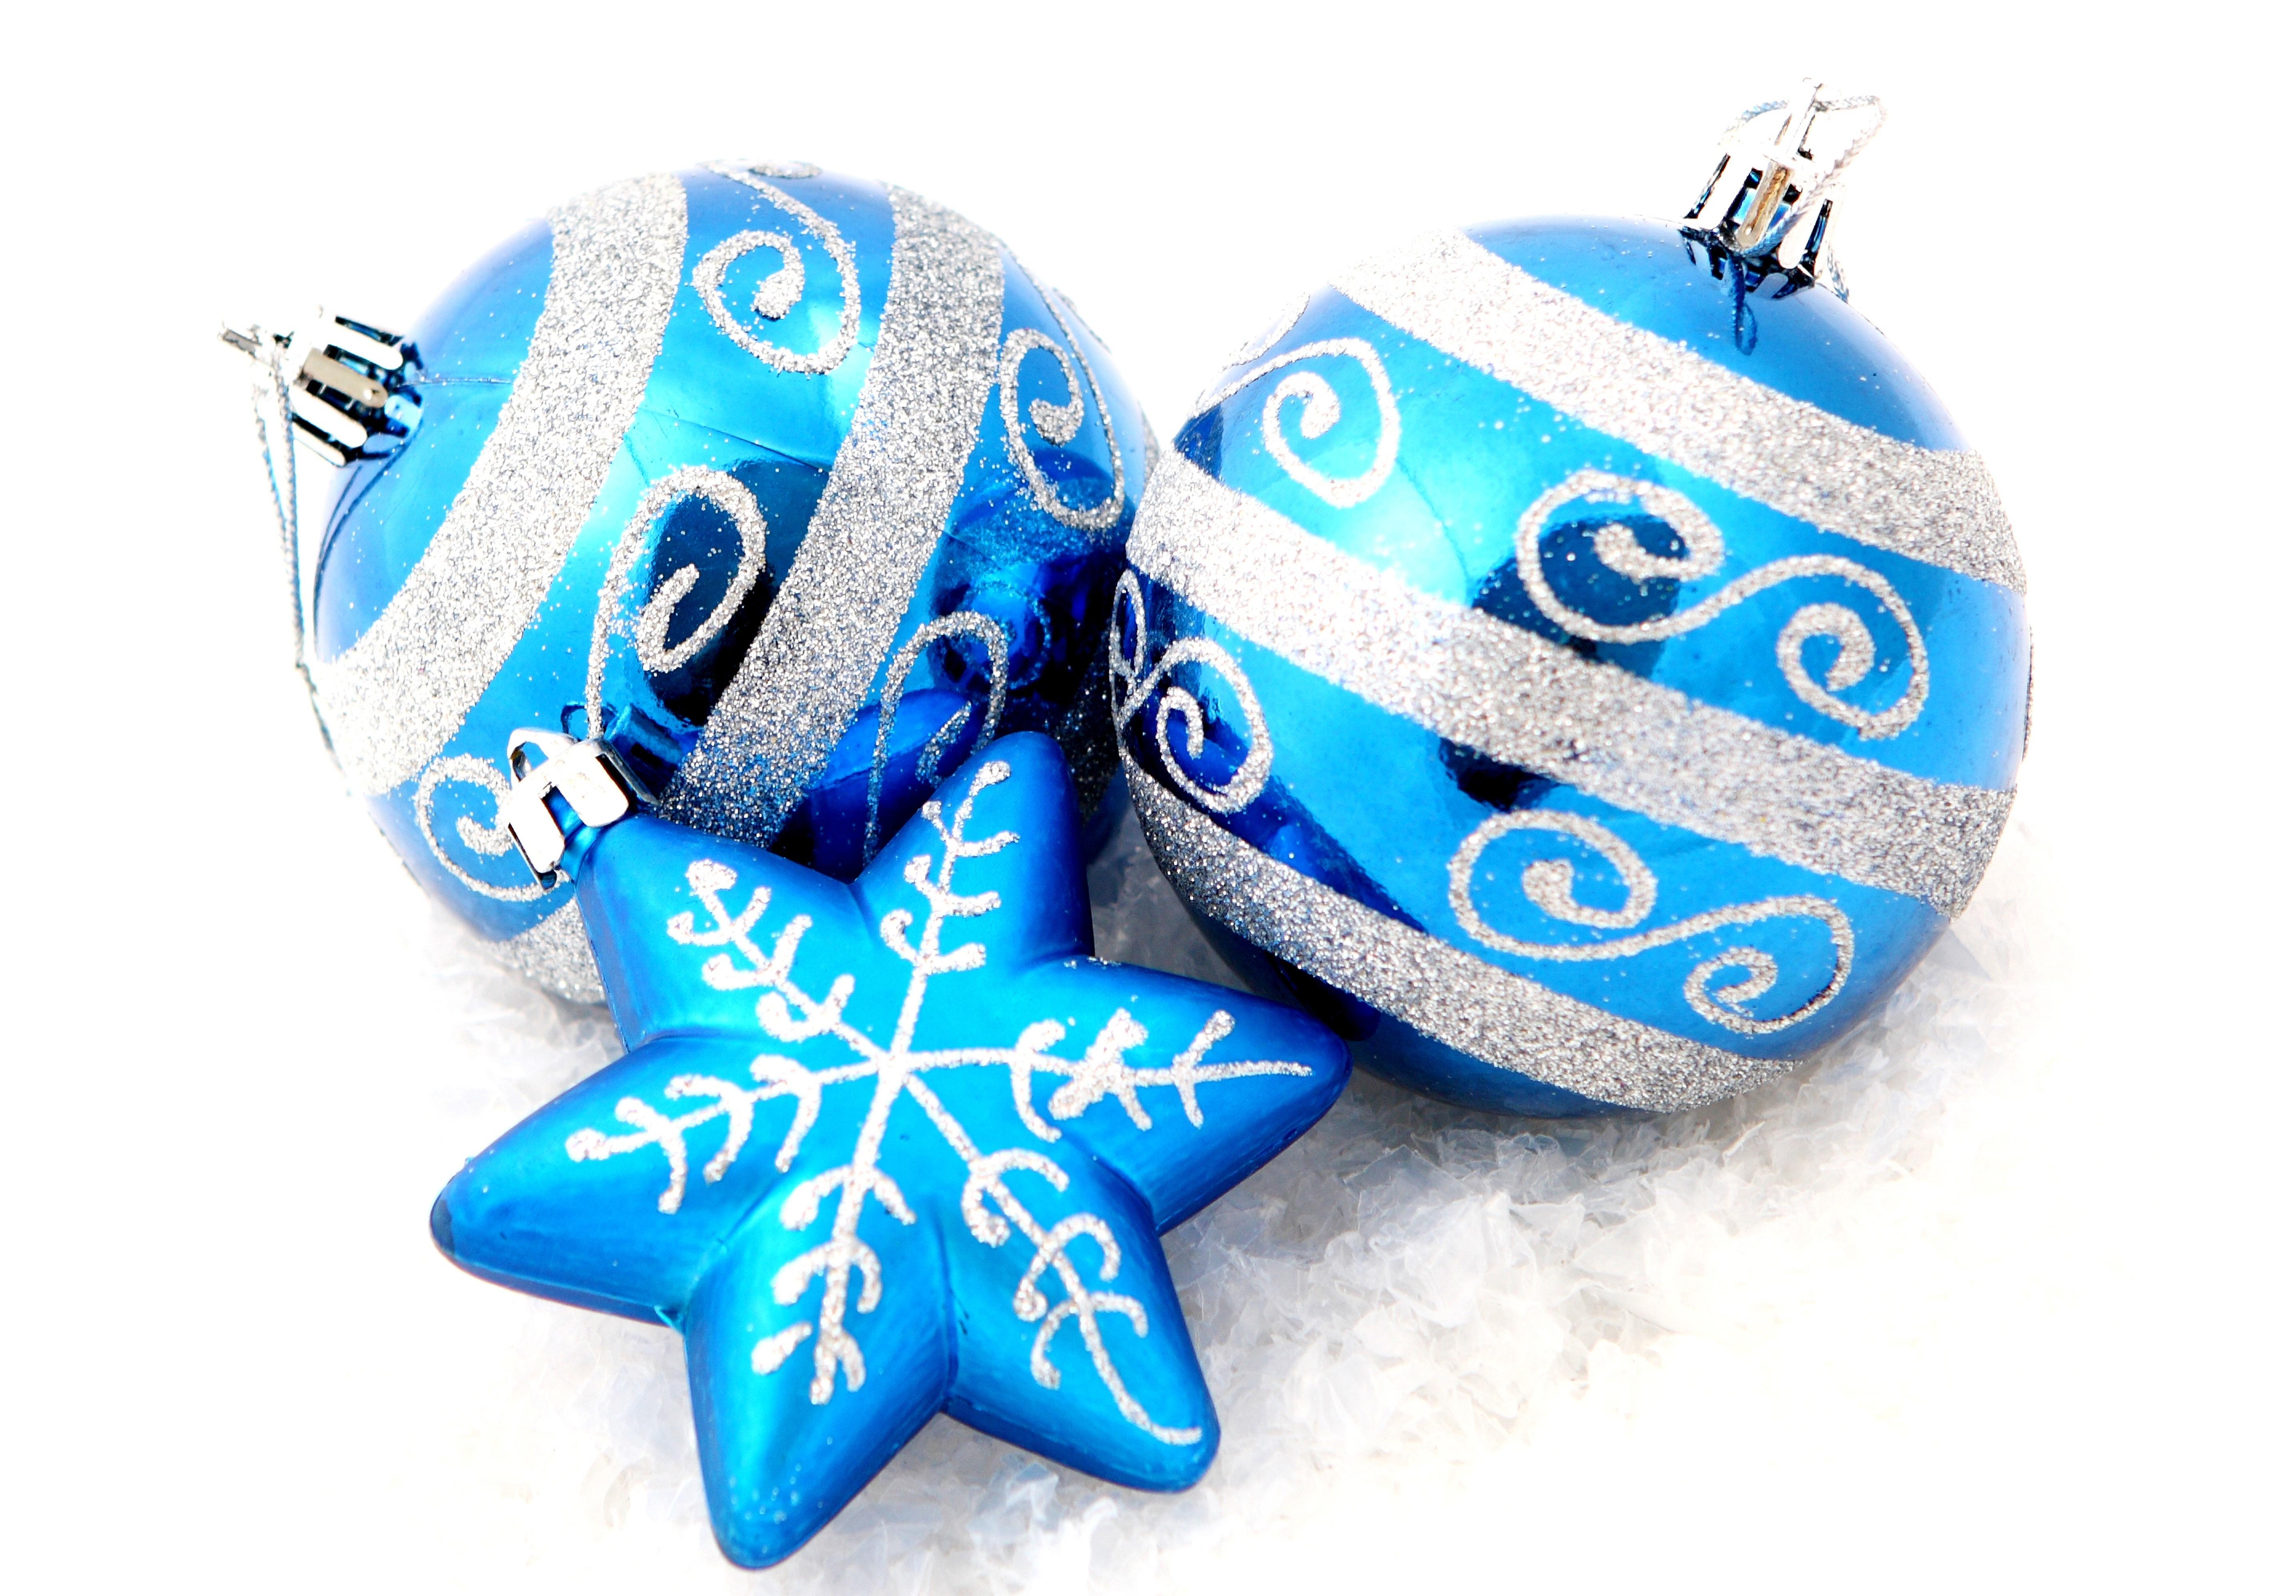 часы игрушки подарки снежинки  № 2647478 без смс